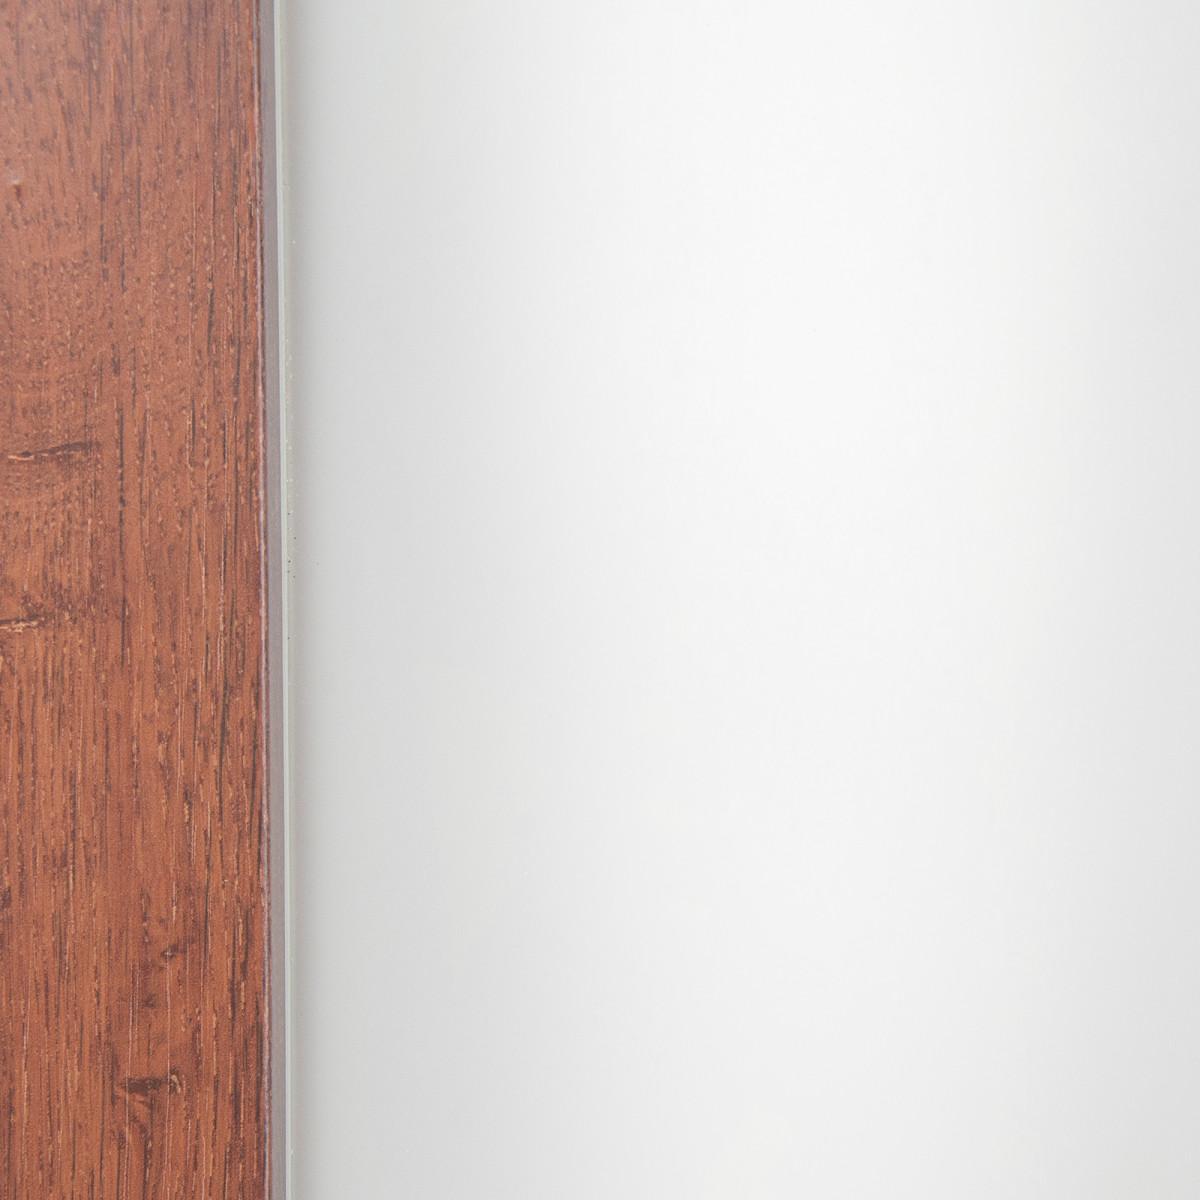 Дверь Межкомнатная Остеклённая Кантри 60x200 Пвх Цвет Дуб Сан-Томе С Фурнитурой